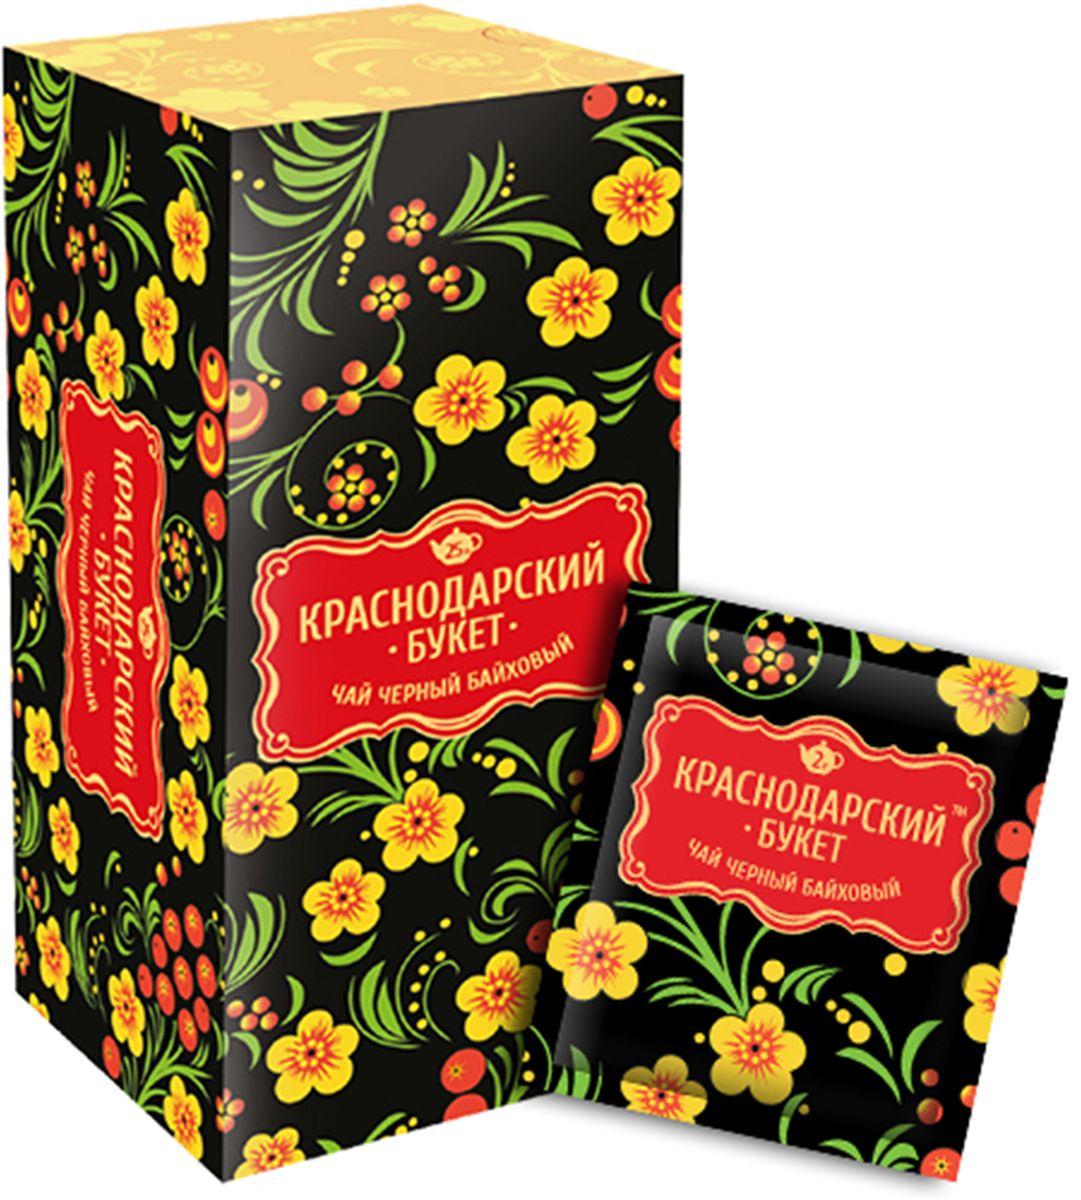 Краснодарский букет чай черный в пакетиках, 25 шт4607051543027Классический черный чай с характерным ароматом и крепким насыщенным вкусом.